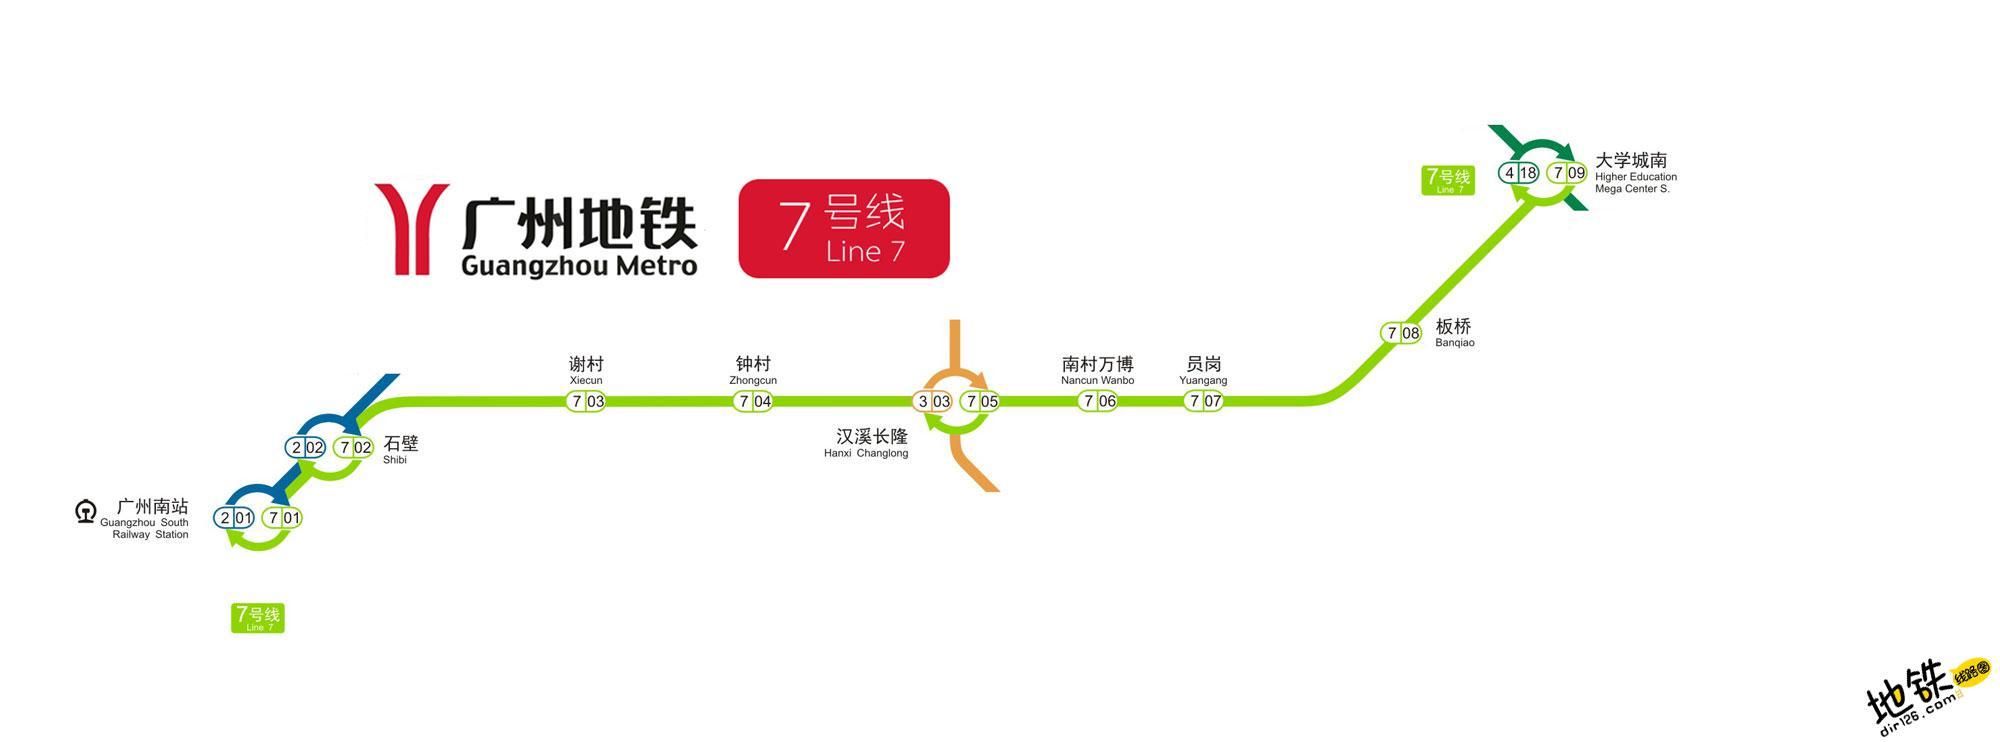 广州地铁7号线线路图 运营时间票价站点 查询下载 广州地铁7号线查询 广州地铁7号线运营时间 广州地铁7号线线路图 广州地铁7号线 广州地铁七号线 广州地铁线路图  第2张